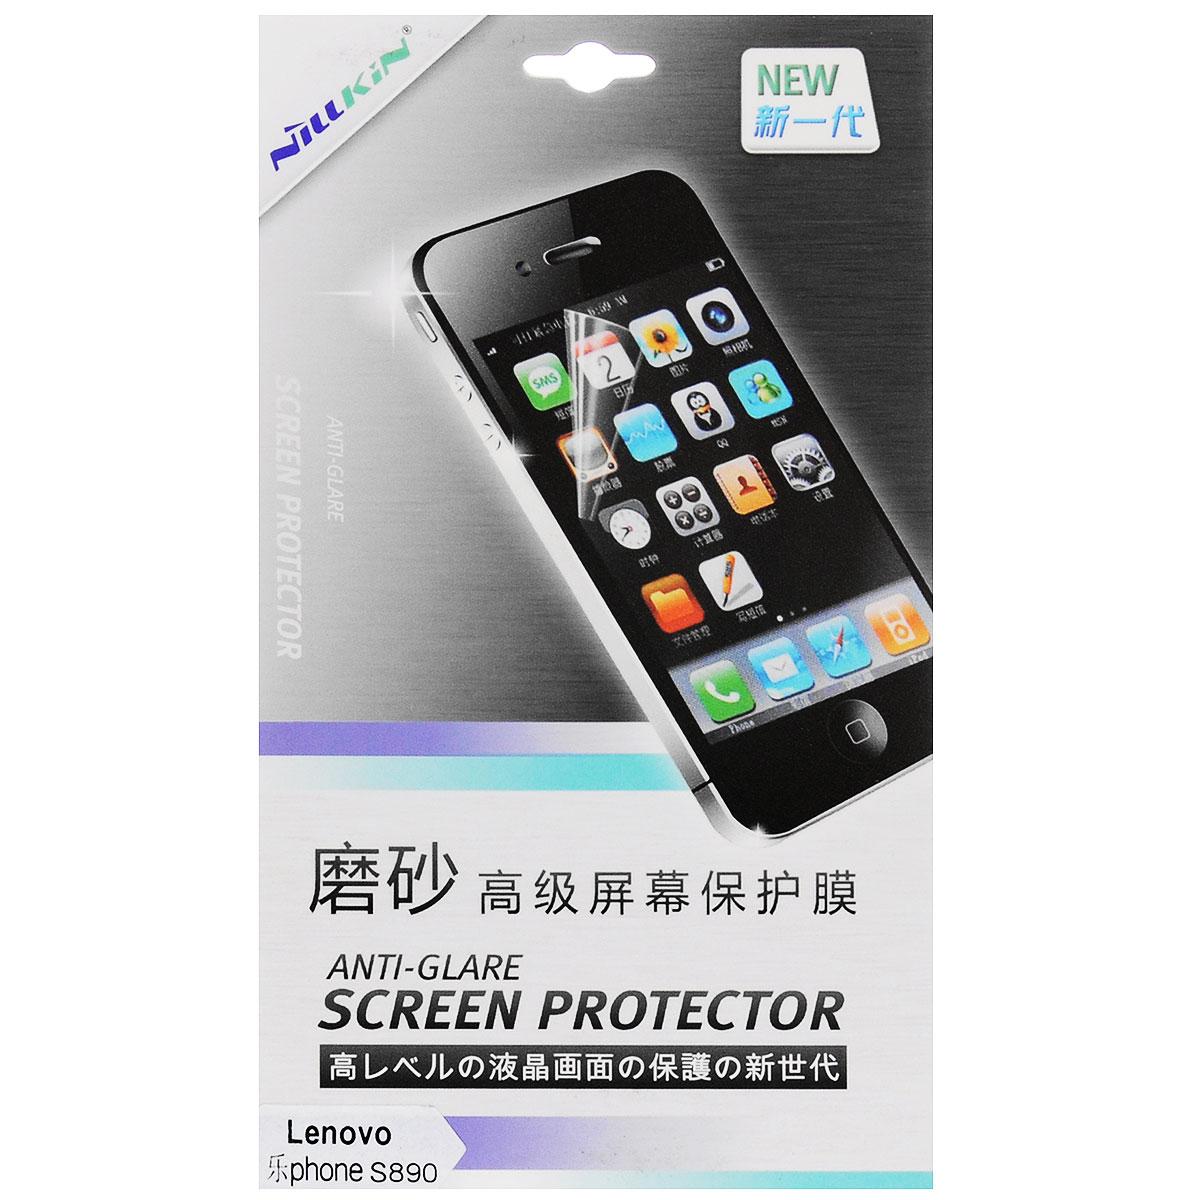 Nillkin Screen Protector защитная пленка для Lenovo S890, матоваяSP-029Защитная пленка Nillkin Screen Protector для Lenovo S890 сохраняет экран смартфона гладким и предотвращает появление на нем царапин и потертостей. Структура пленки позволяет ей плотно удерживаться без помощи клеевых составов. Пленка практически незаметна на экране смартфона и сохраняет все характеристики цветопередачи и чувствительности сенсора.